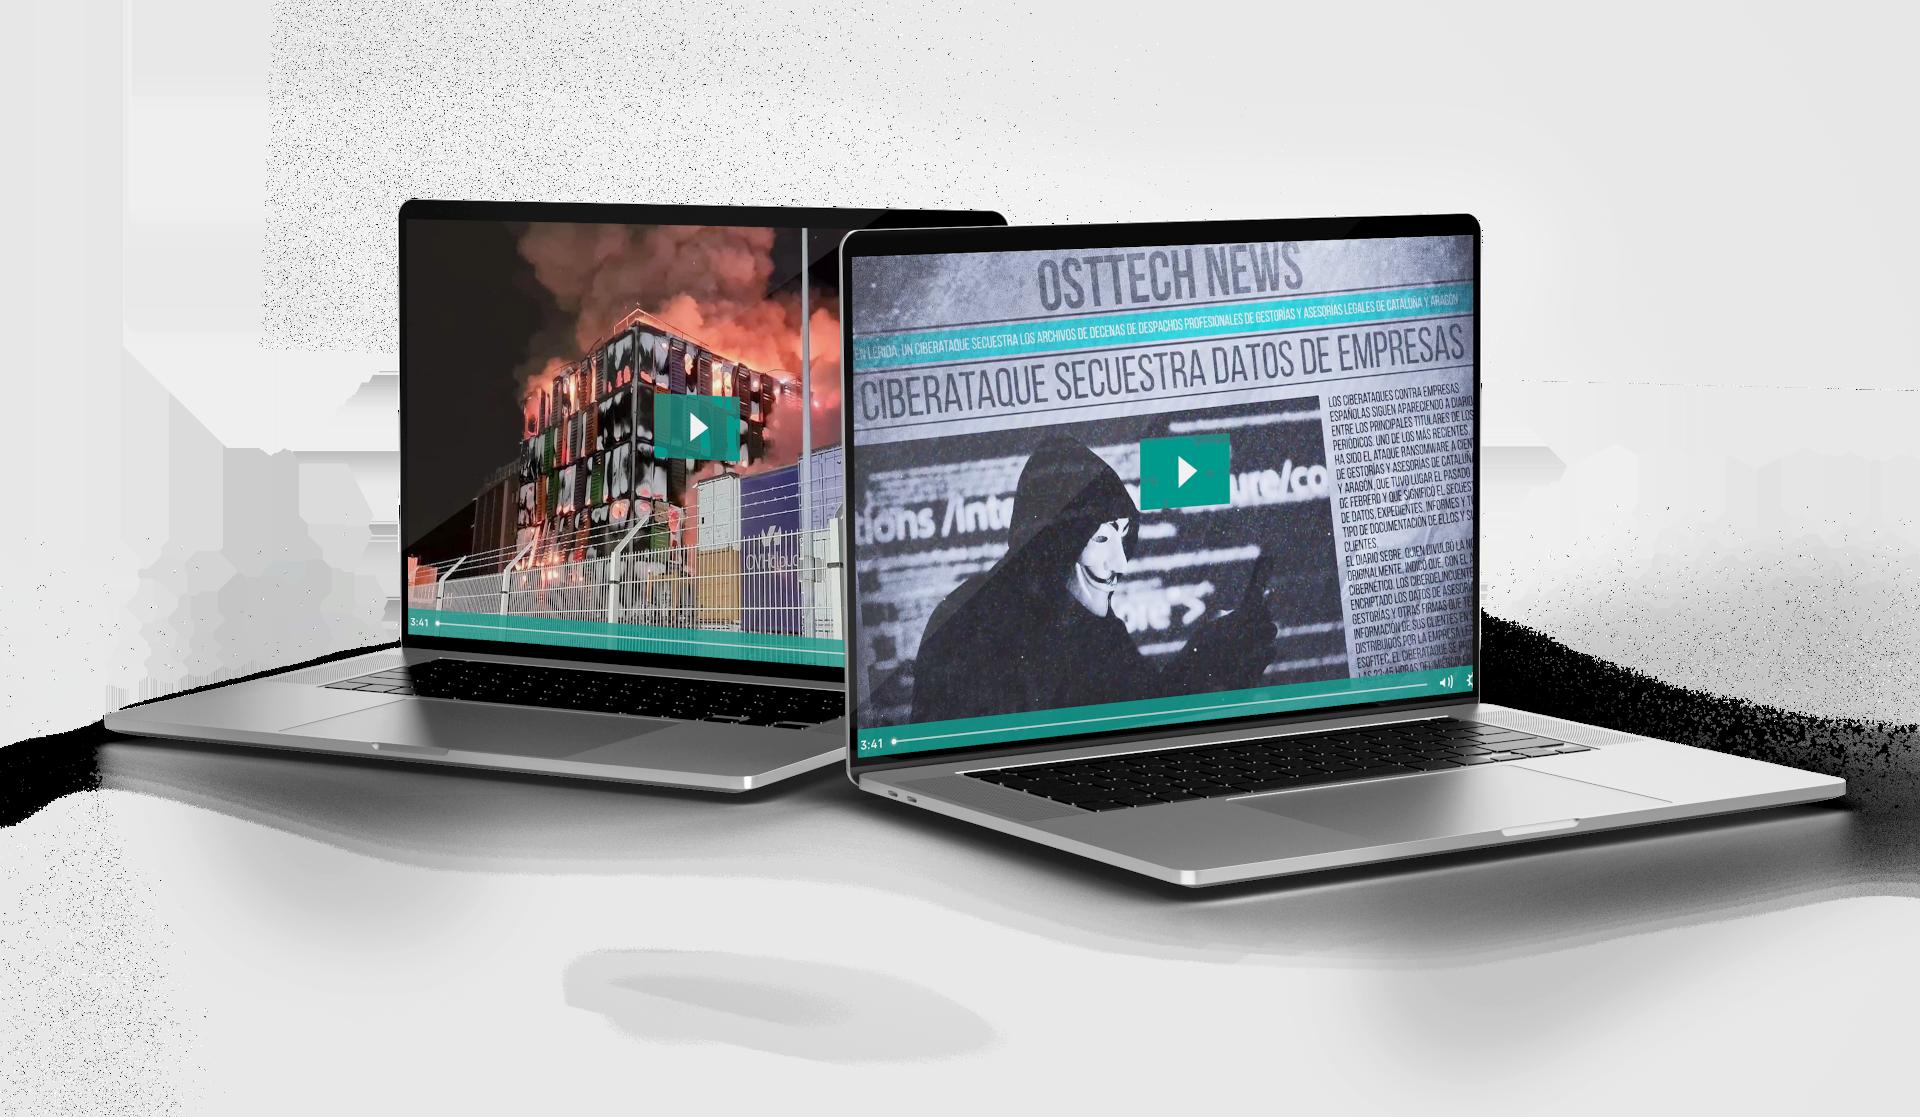 Tecnologías para evitar pérdida de datos por ciberataques, accidentes, robos, sabotajes e incluso, errores humanos